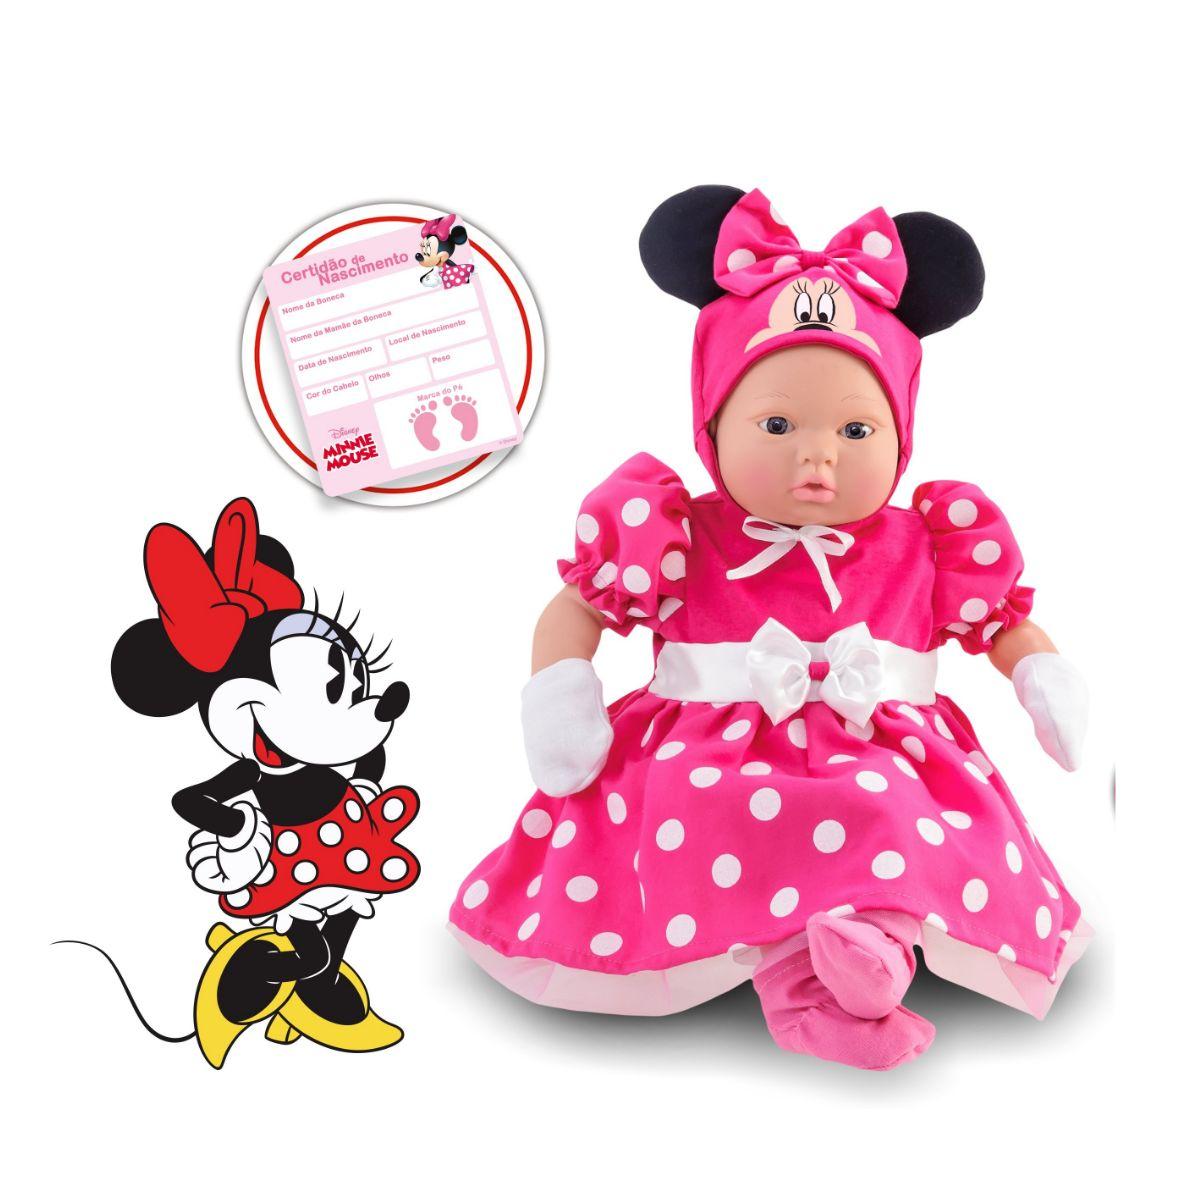 Boneca Minnie Mouse Recém Nascida